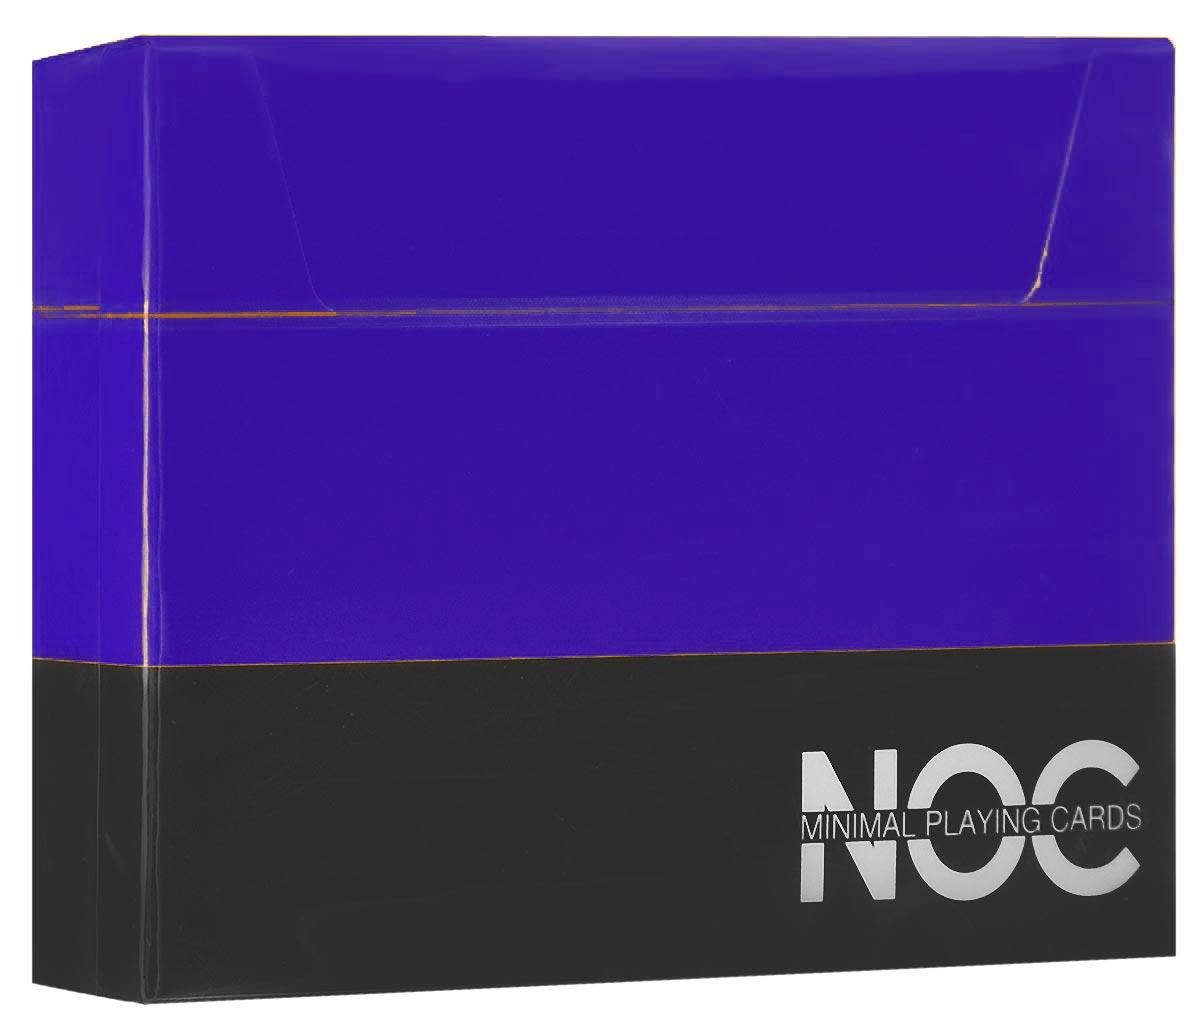 Игральные карты HOPC NOC V3 Deck, цвет: синийК-356Яркая, простая и элегантная колода HOPC NOC V3 Deck из серии минималистических карт прекрасно подойдет для любых целей! С каждым изданием авторы карт NOC стараются сделать их лучше и лучше. Дизайн NOC V3 включает в себя самое необходимое, без лишних деталей. Колода имеет изумительный синий цвет рубашки, обведенный белой окантовкой. Игральные карты HOPC NOC V3 Deck отлично подойдут для фокусов, флоуришей и карточных игр.